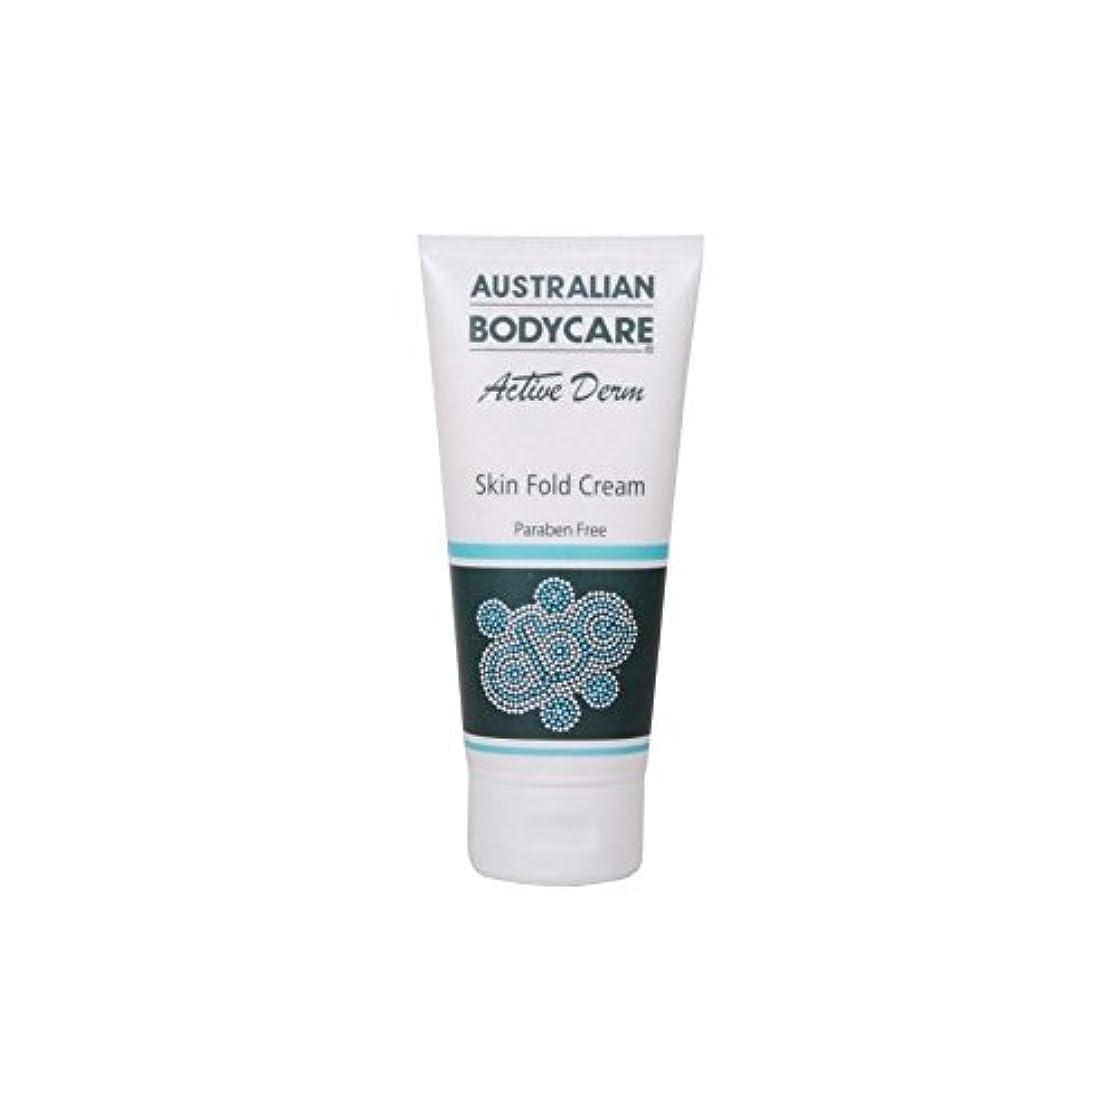 トイレ定義する肥料Australian Bodycare Active Derm Skin Fold Cream (100ml) - オーストラリアのボディケアアクティブダーム皮膚のひだクリーム(100ミリリットル) [並行輸入品]